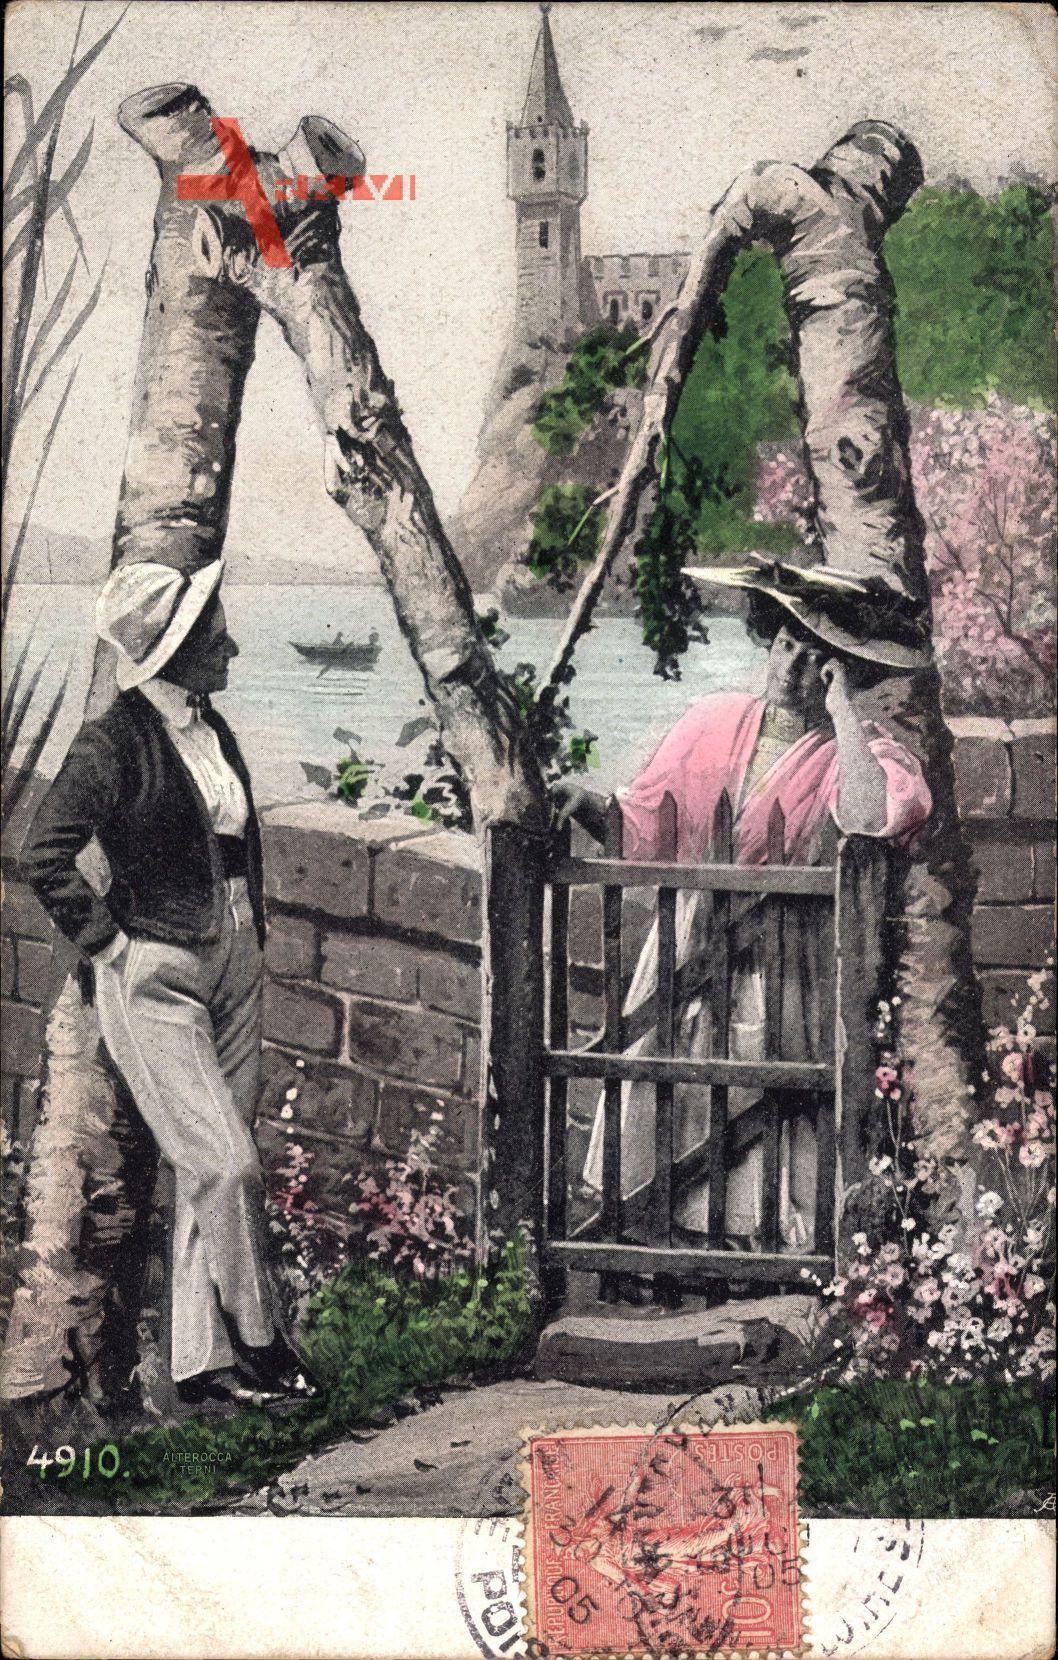 Buchstaben M, Frühling, Liebespaar am Holztor, Idyll